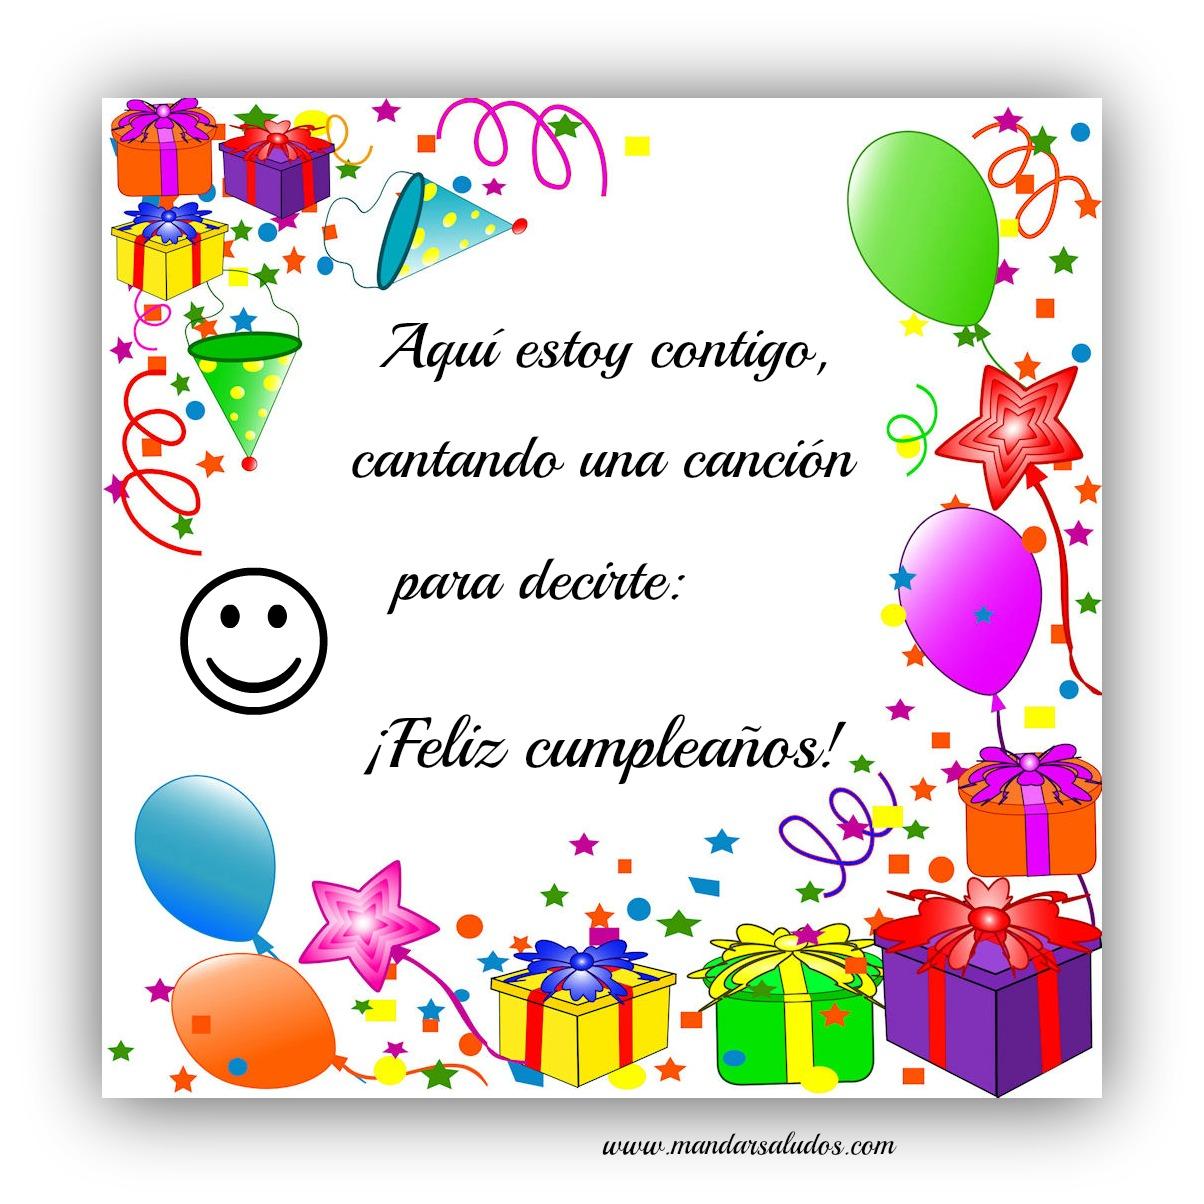 Compañeros de trabajo y las felicitaciones de cumpleaños